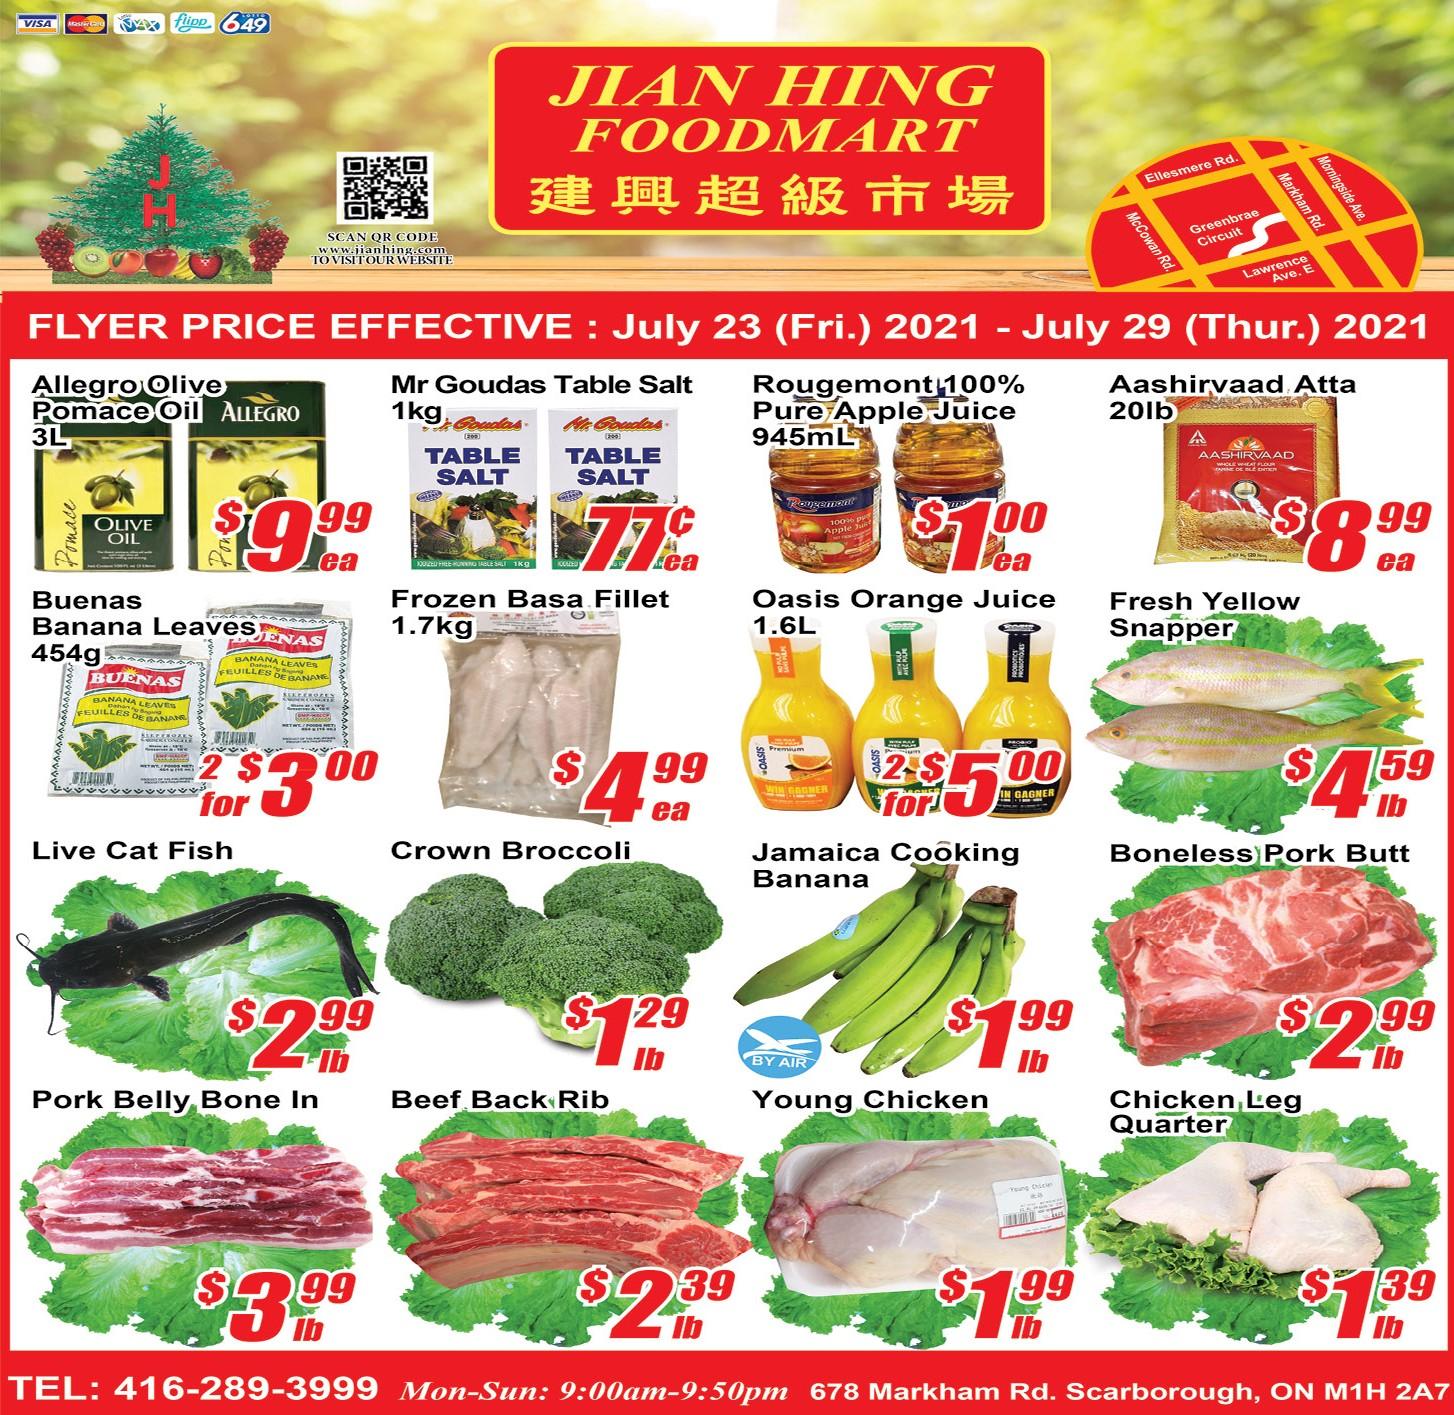 Jian Hing Foodmart Scarborough Flyer | Jul 23